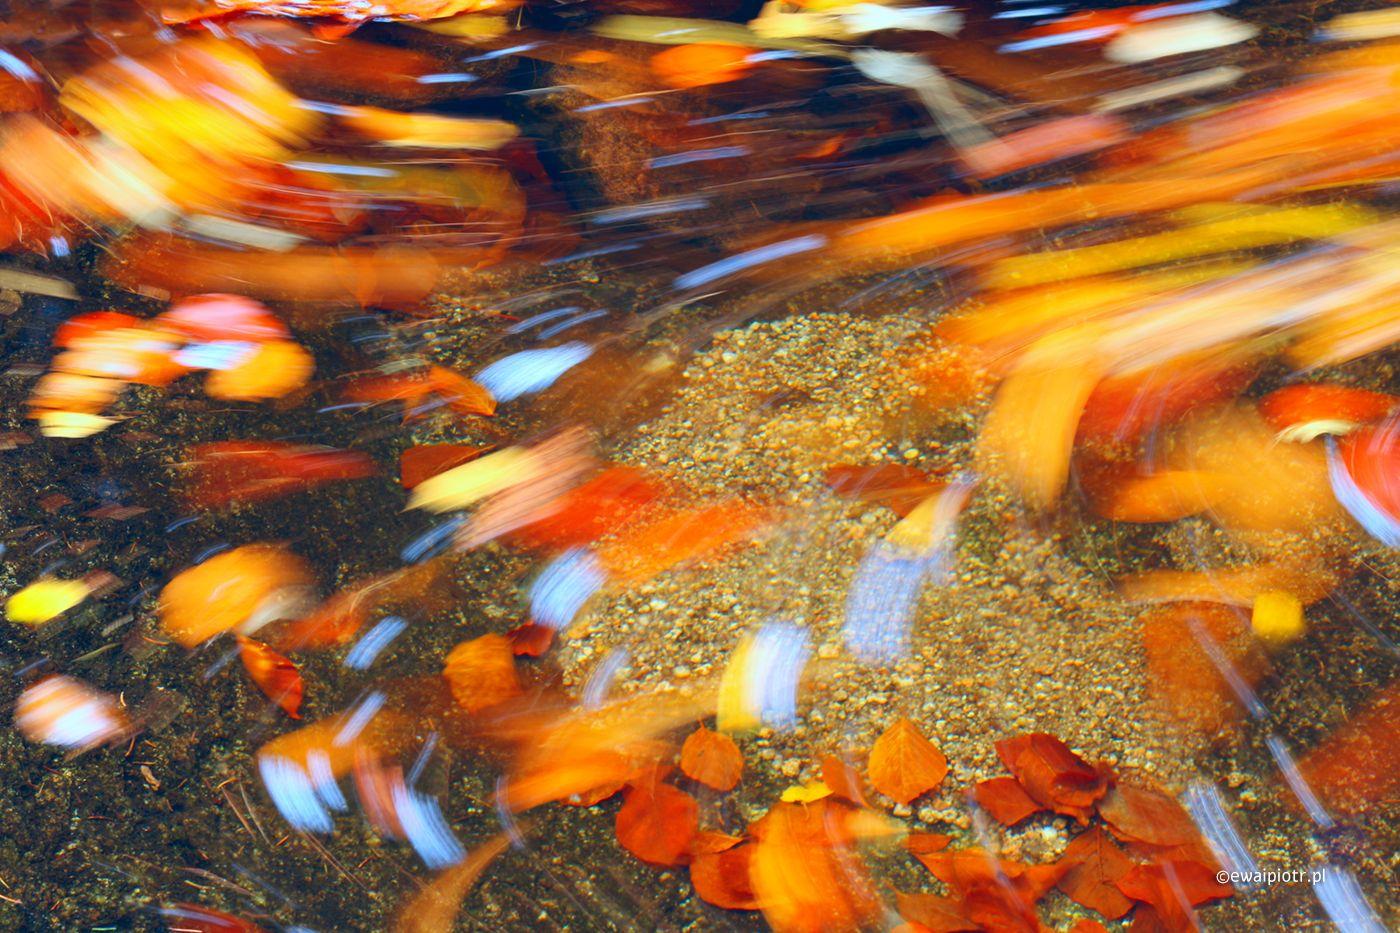 Złote liście w wodzie, długa ekspozycja, warsztaty fotograficzne